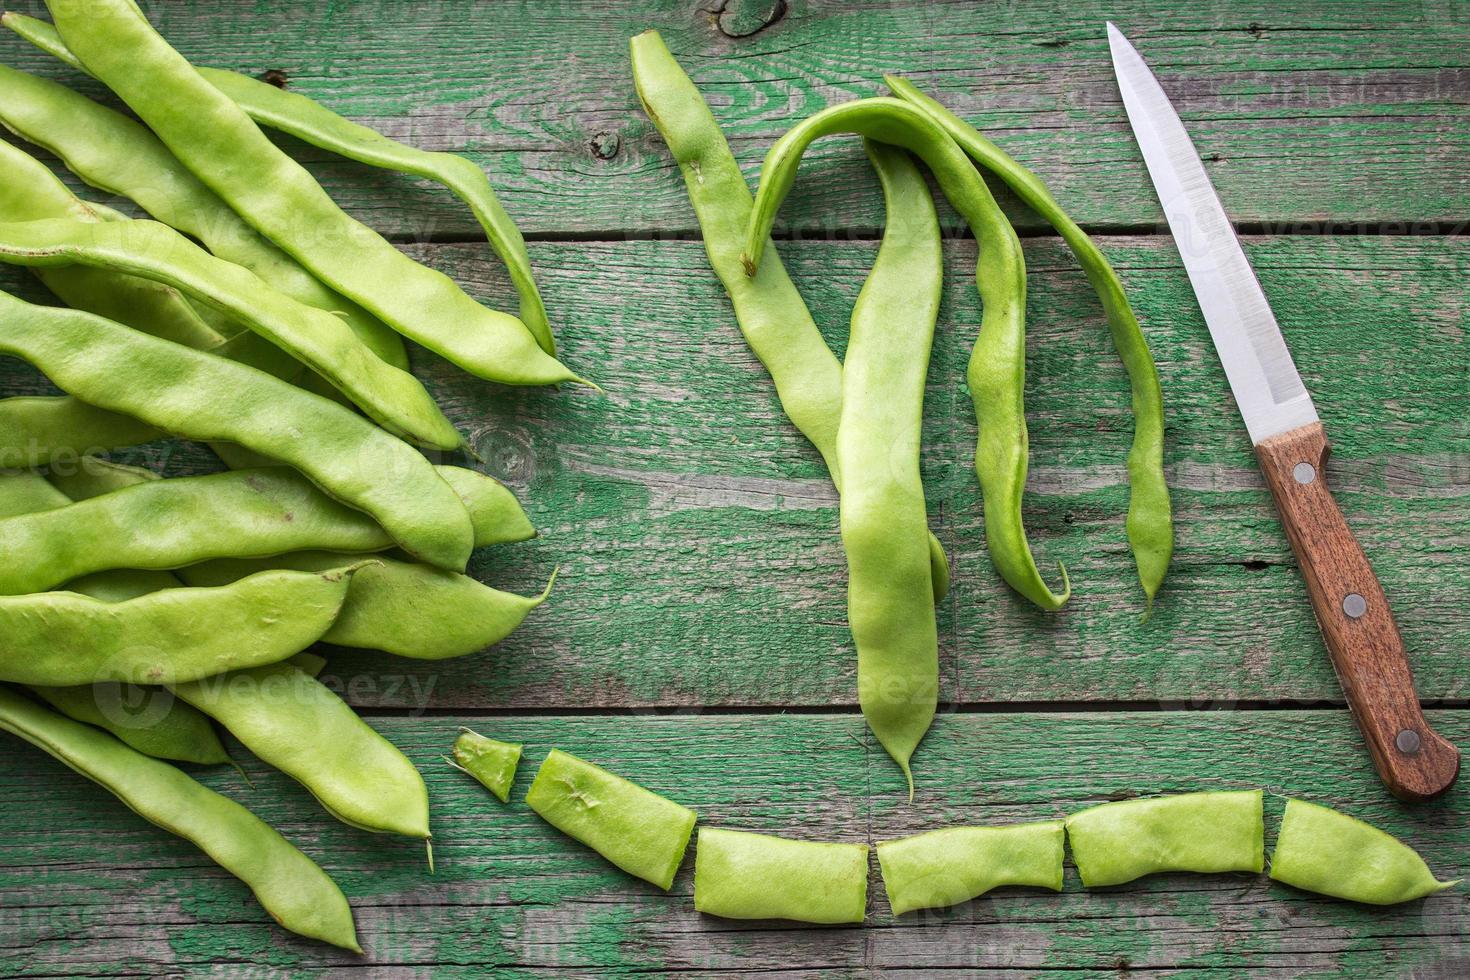 die Schoten der grünen Bohnen foto